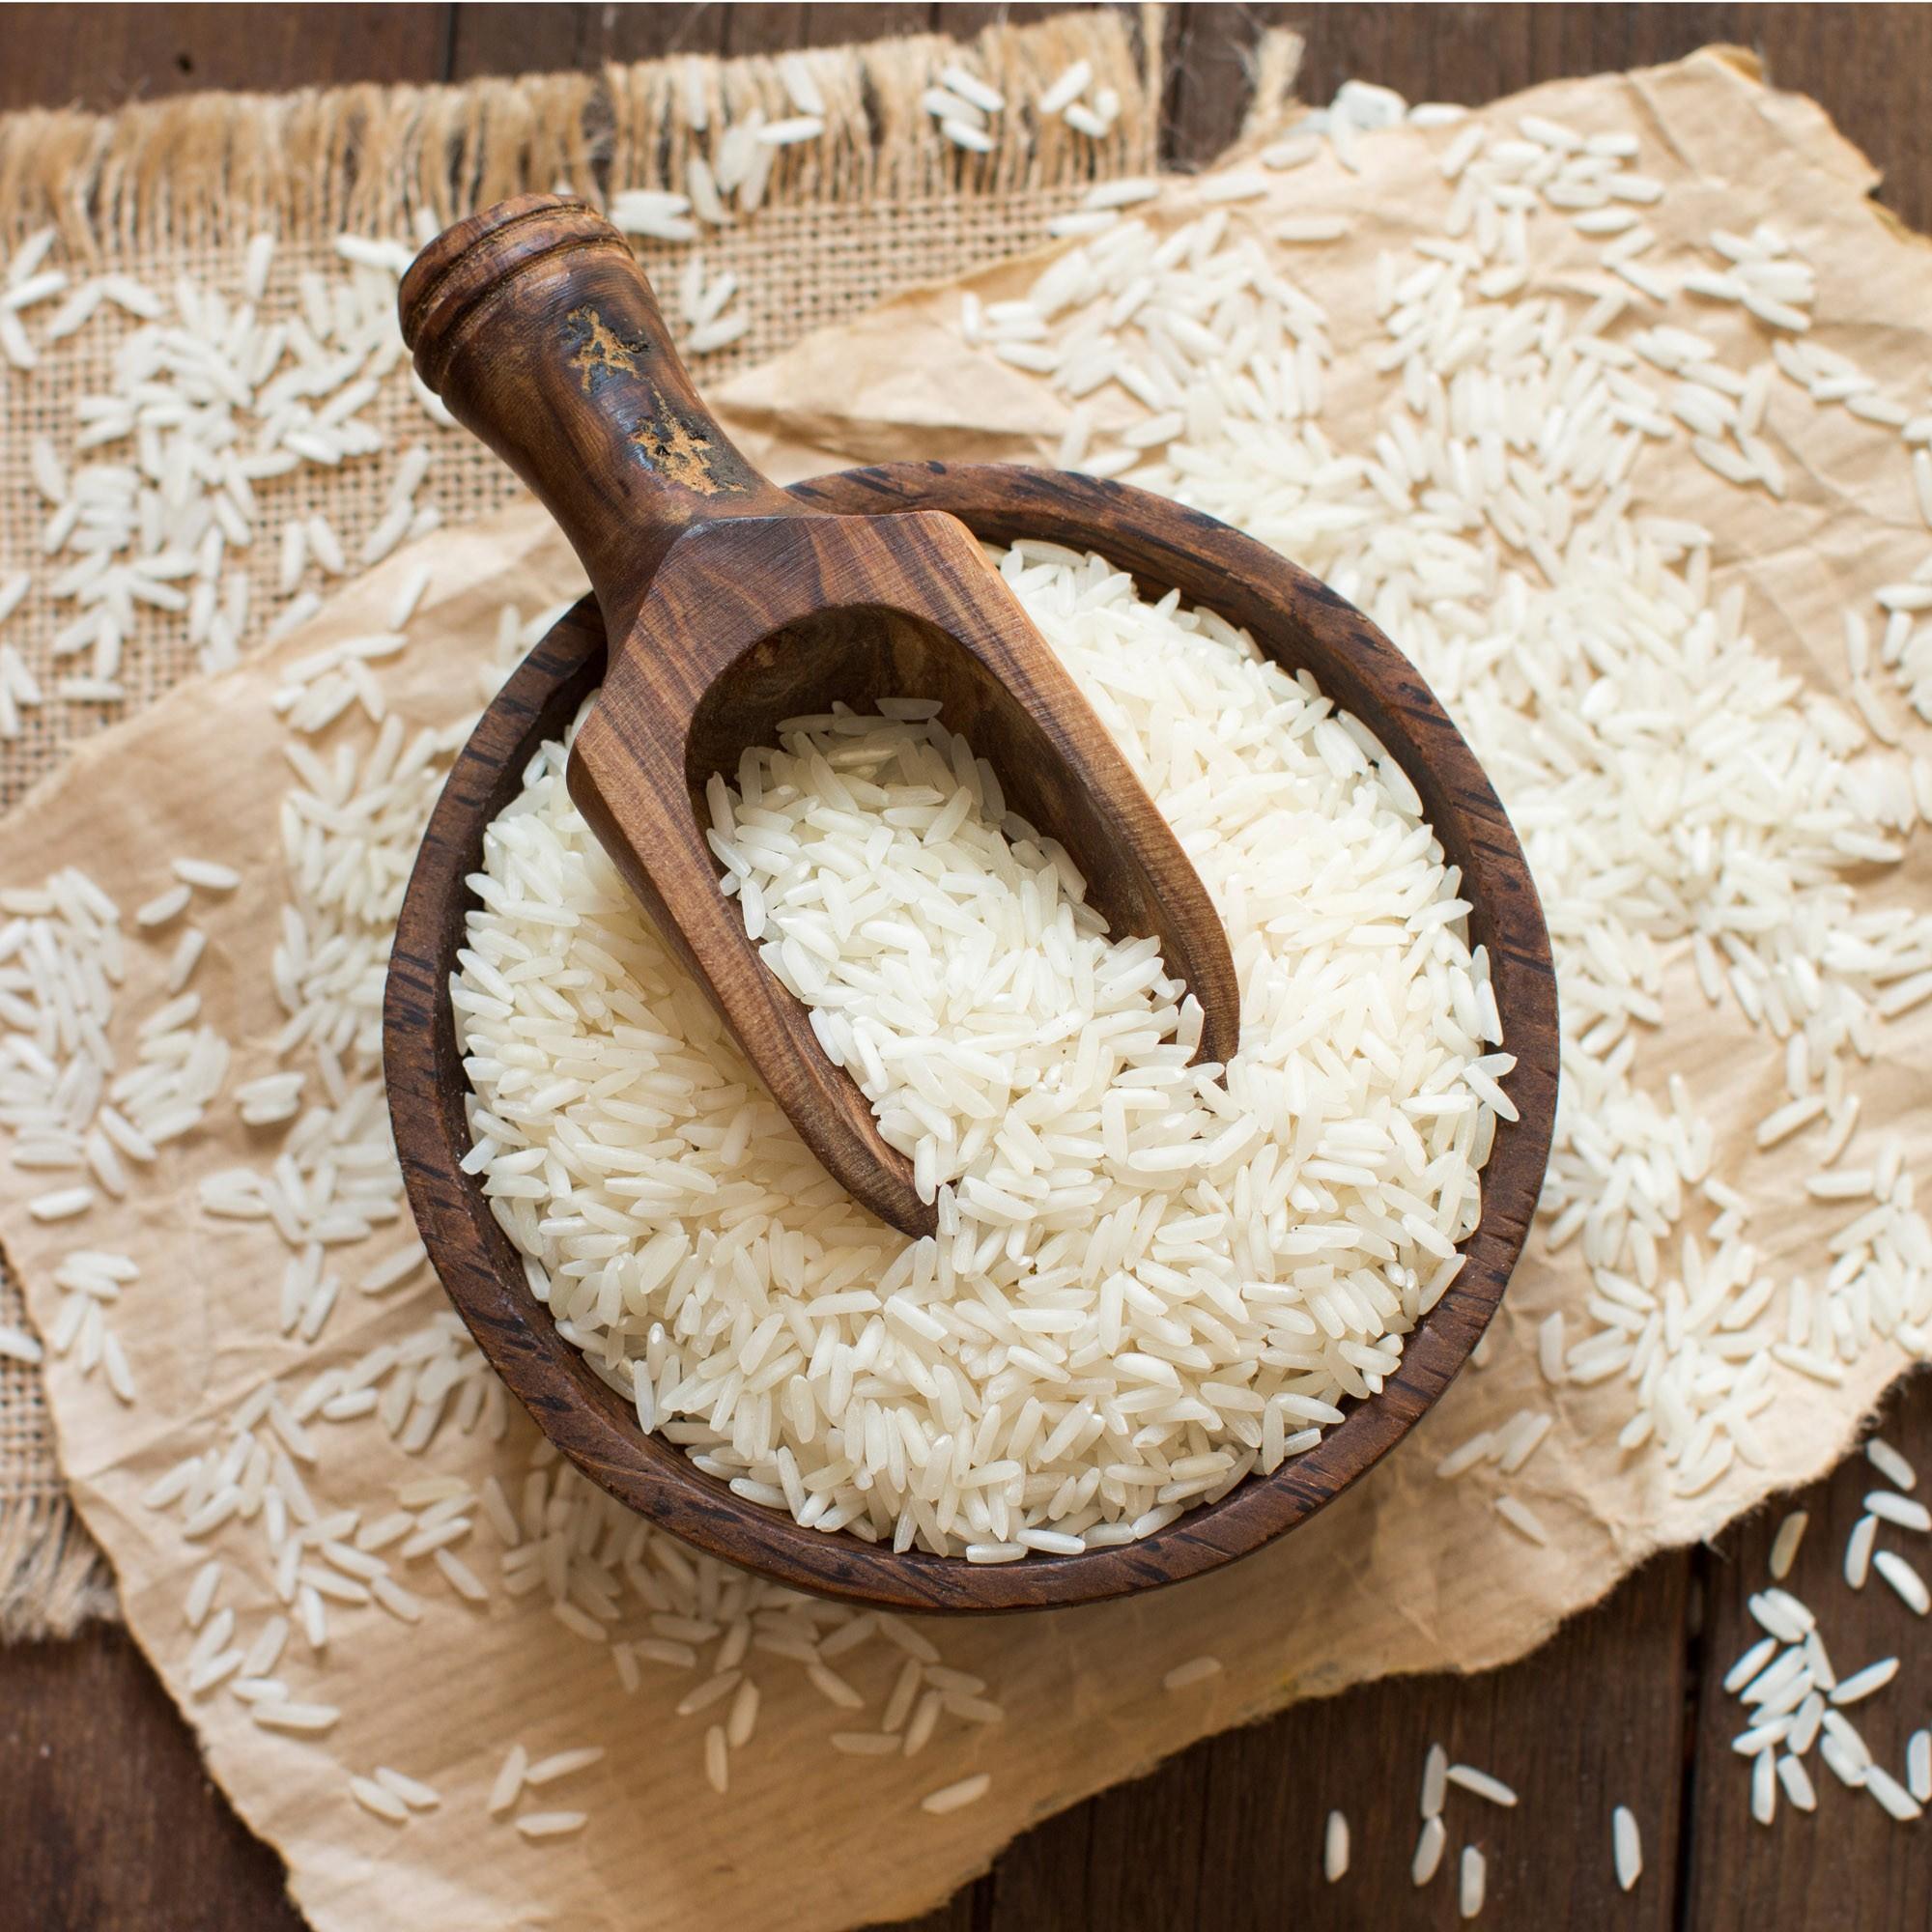 Come accade per le lenticchie, anche il riso riposto in un sacchetto (meglio se verde) porterebbe fortuna: i più superstiziosi sapranno che servono sette chicchi di riso e sette di melagrana per il massimo della prosperità.